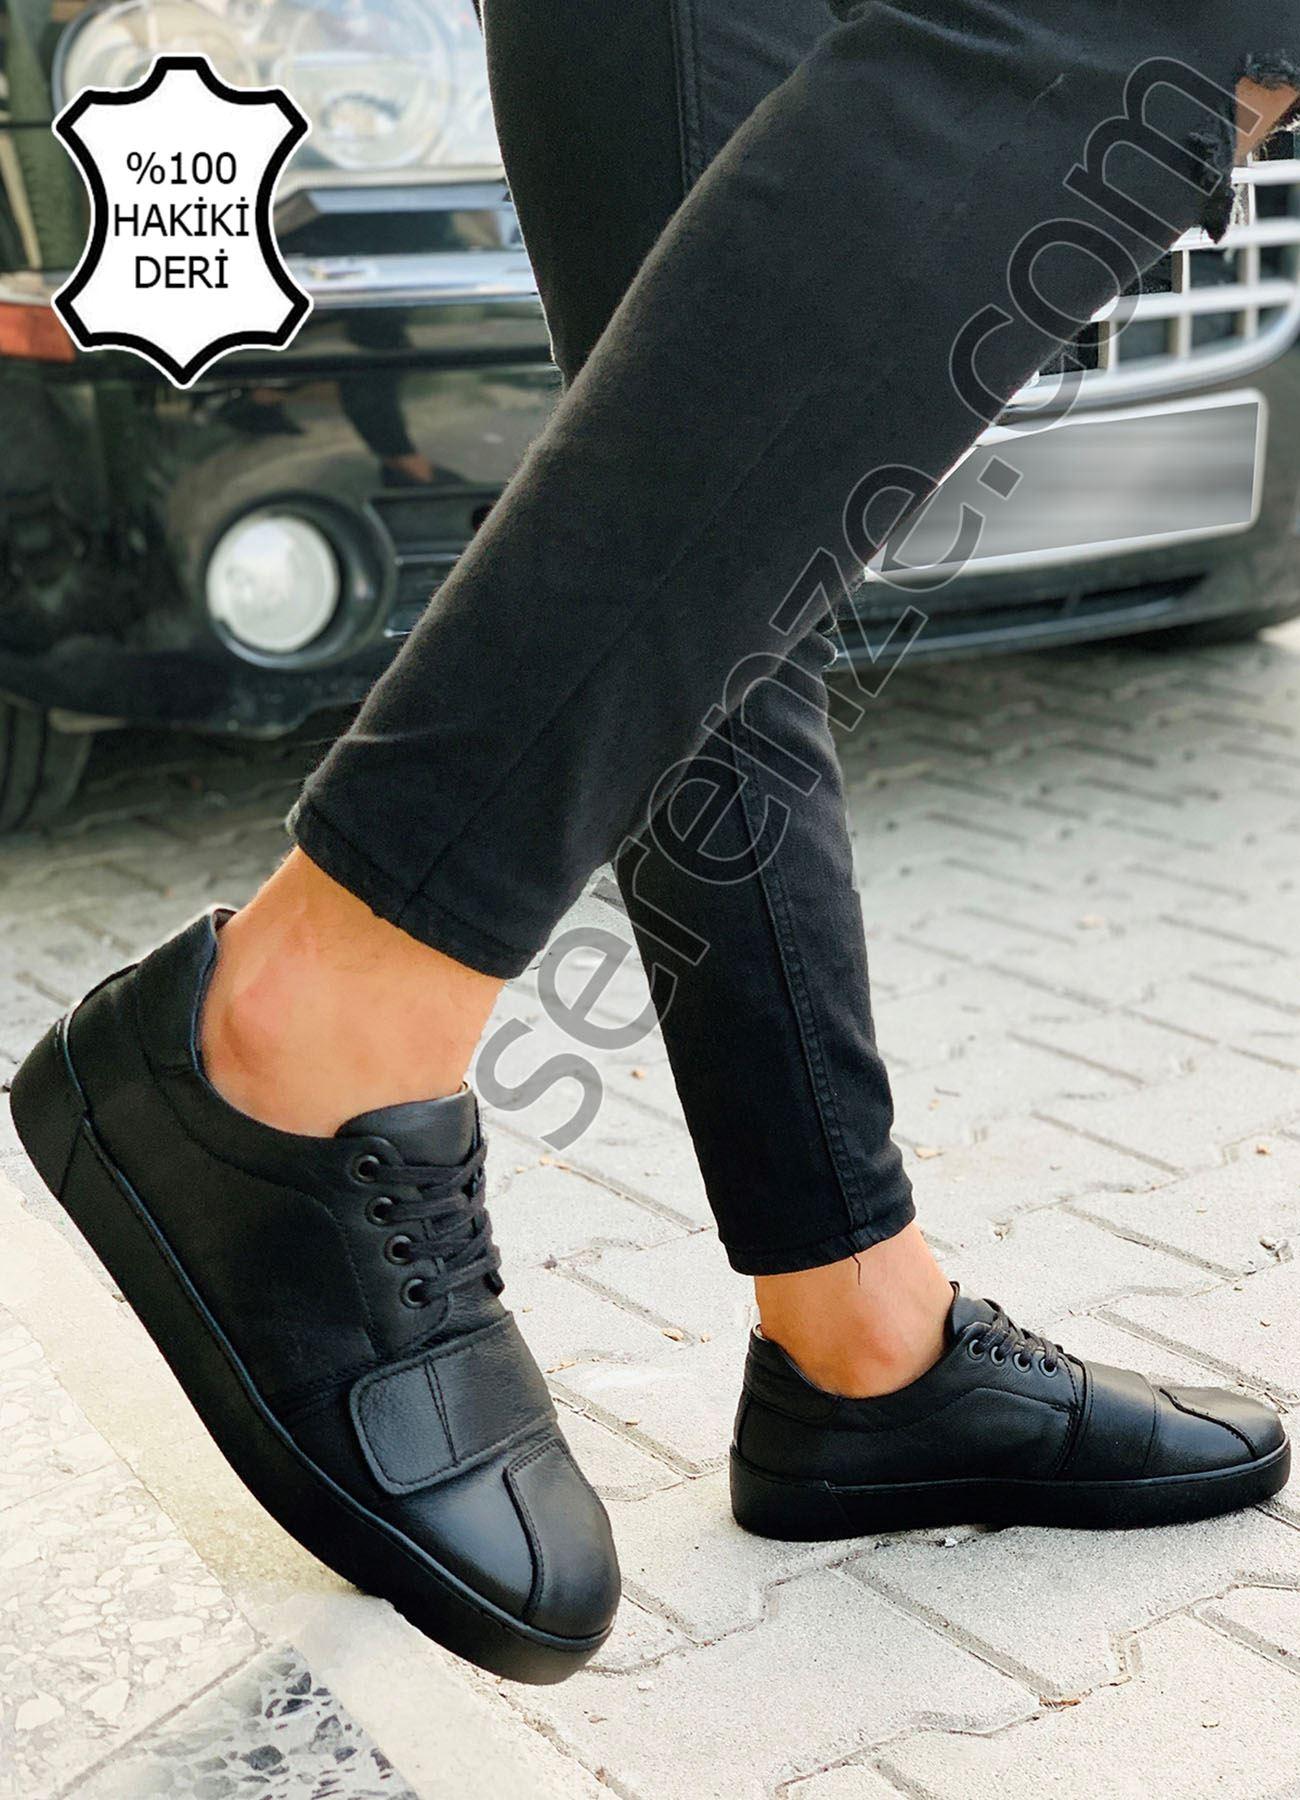 Siyah Cırtlı Hakiki Deri Erkek Ayakkabı